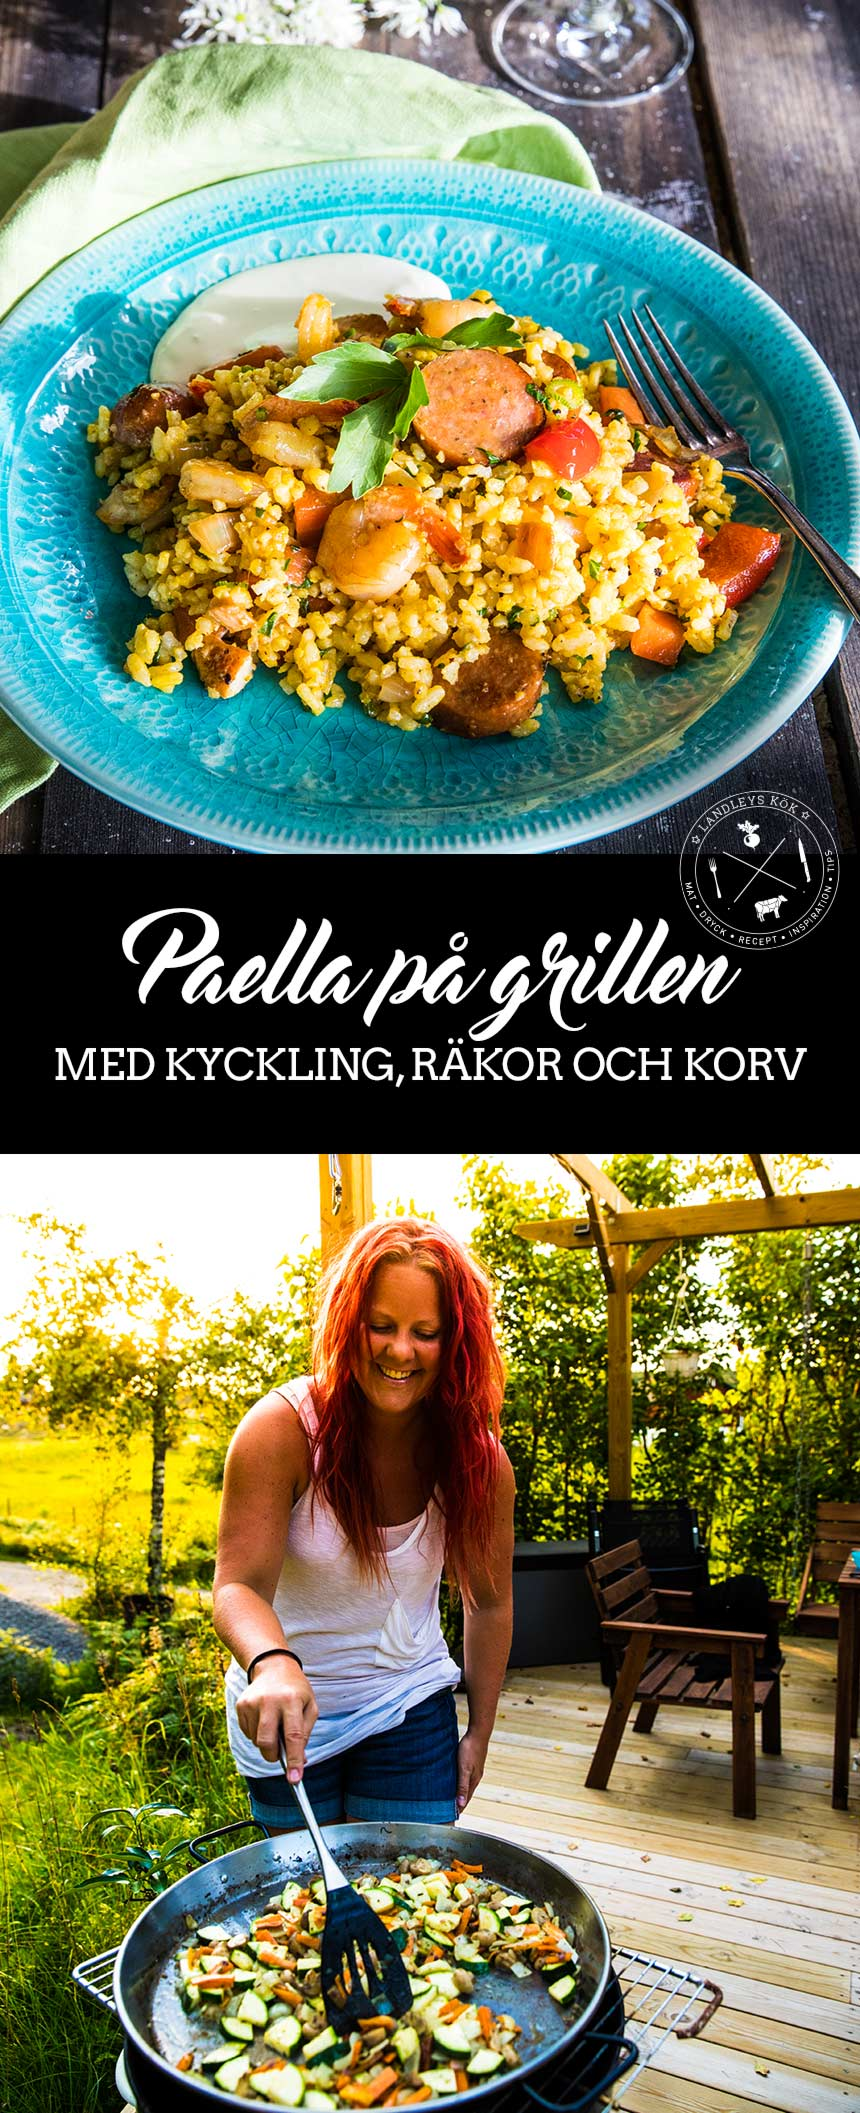 Paella på grillen med kyckling, räkor och korv